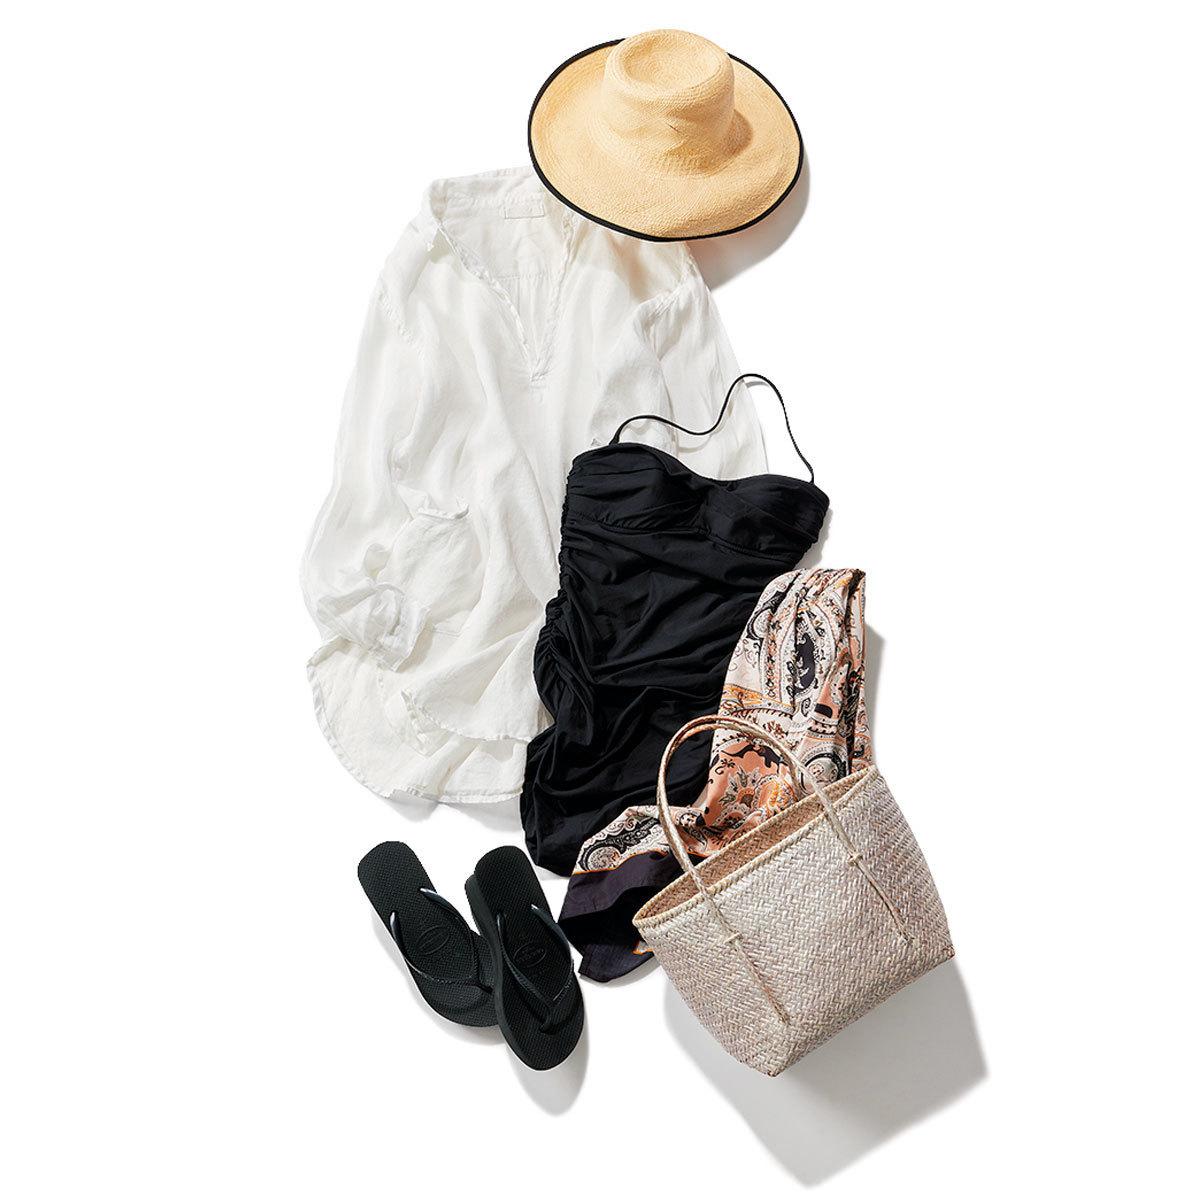 大人に似合う水着5選 | ワンピースや長袖の形に注目! | アラフォーファッション_1_6